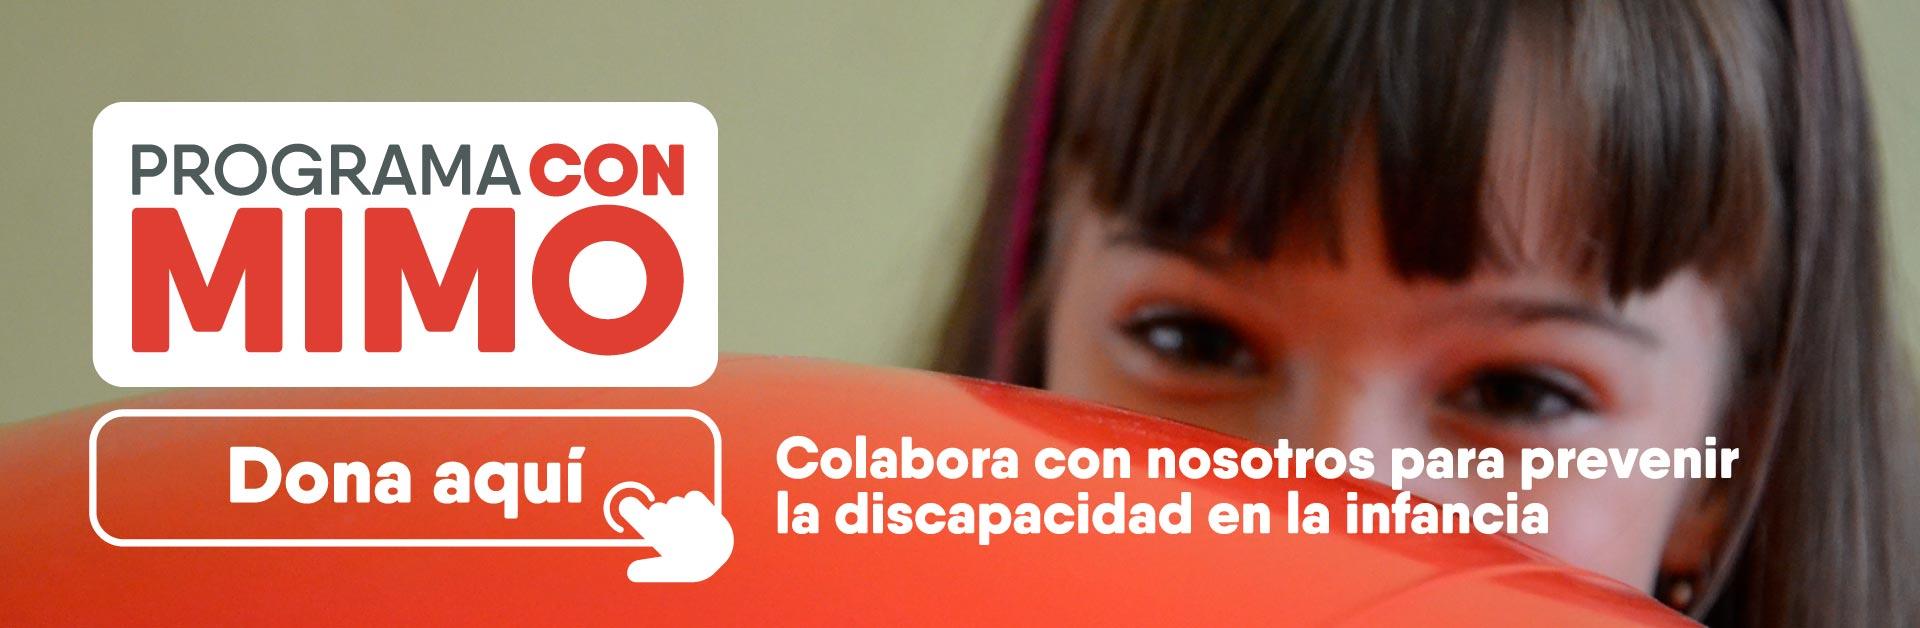 Colabora con nosotros para prevenir la discapacidad en la infancia